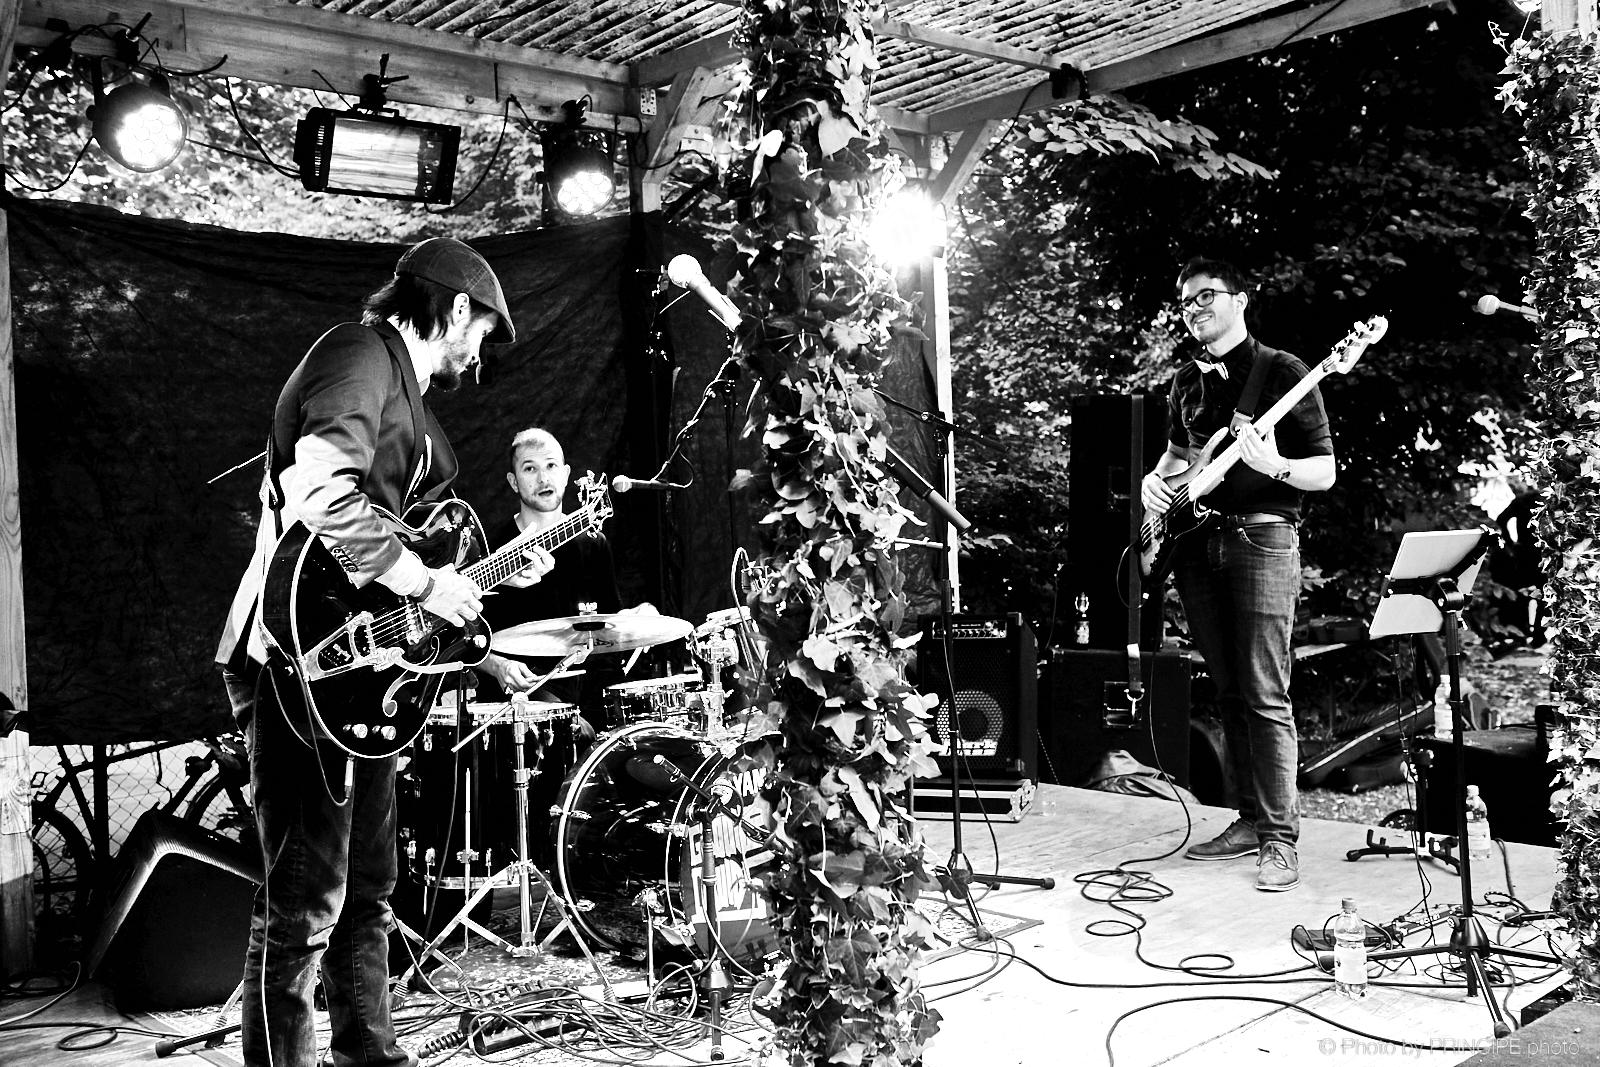 Skinny Jim Tennessee @ Festival im Garten